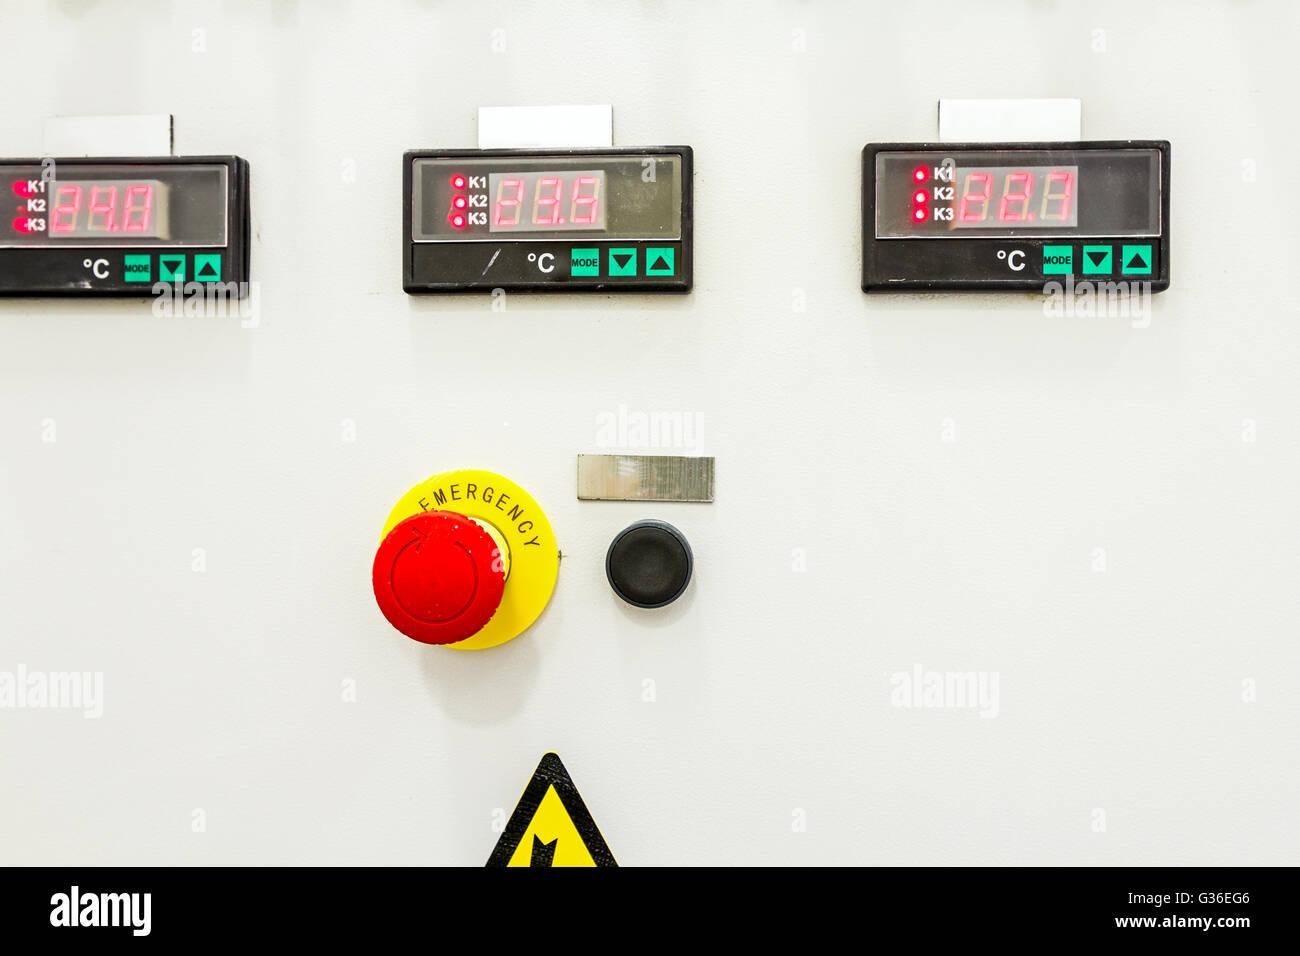 Panel de control eléctrico que contiene tiene un medidor de temperatura digital con pegatina de advertencia Imagen De Stock